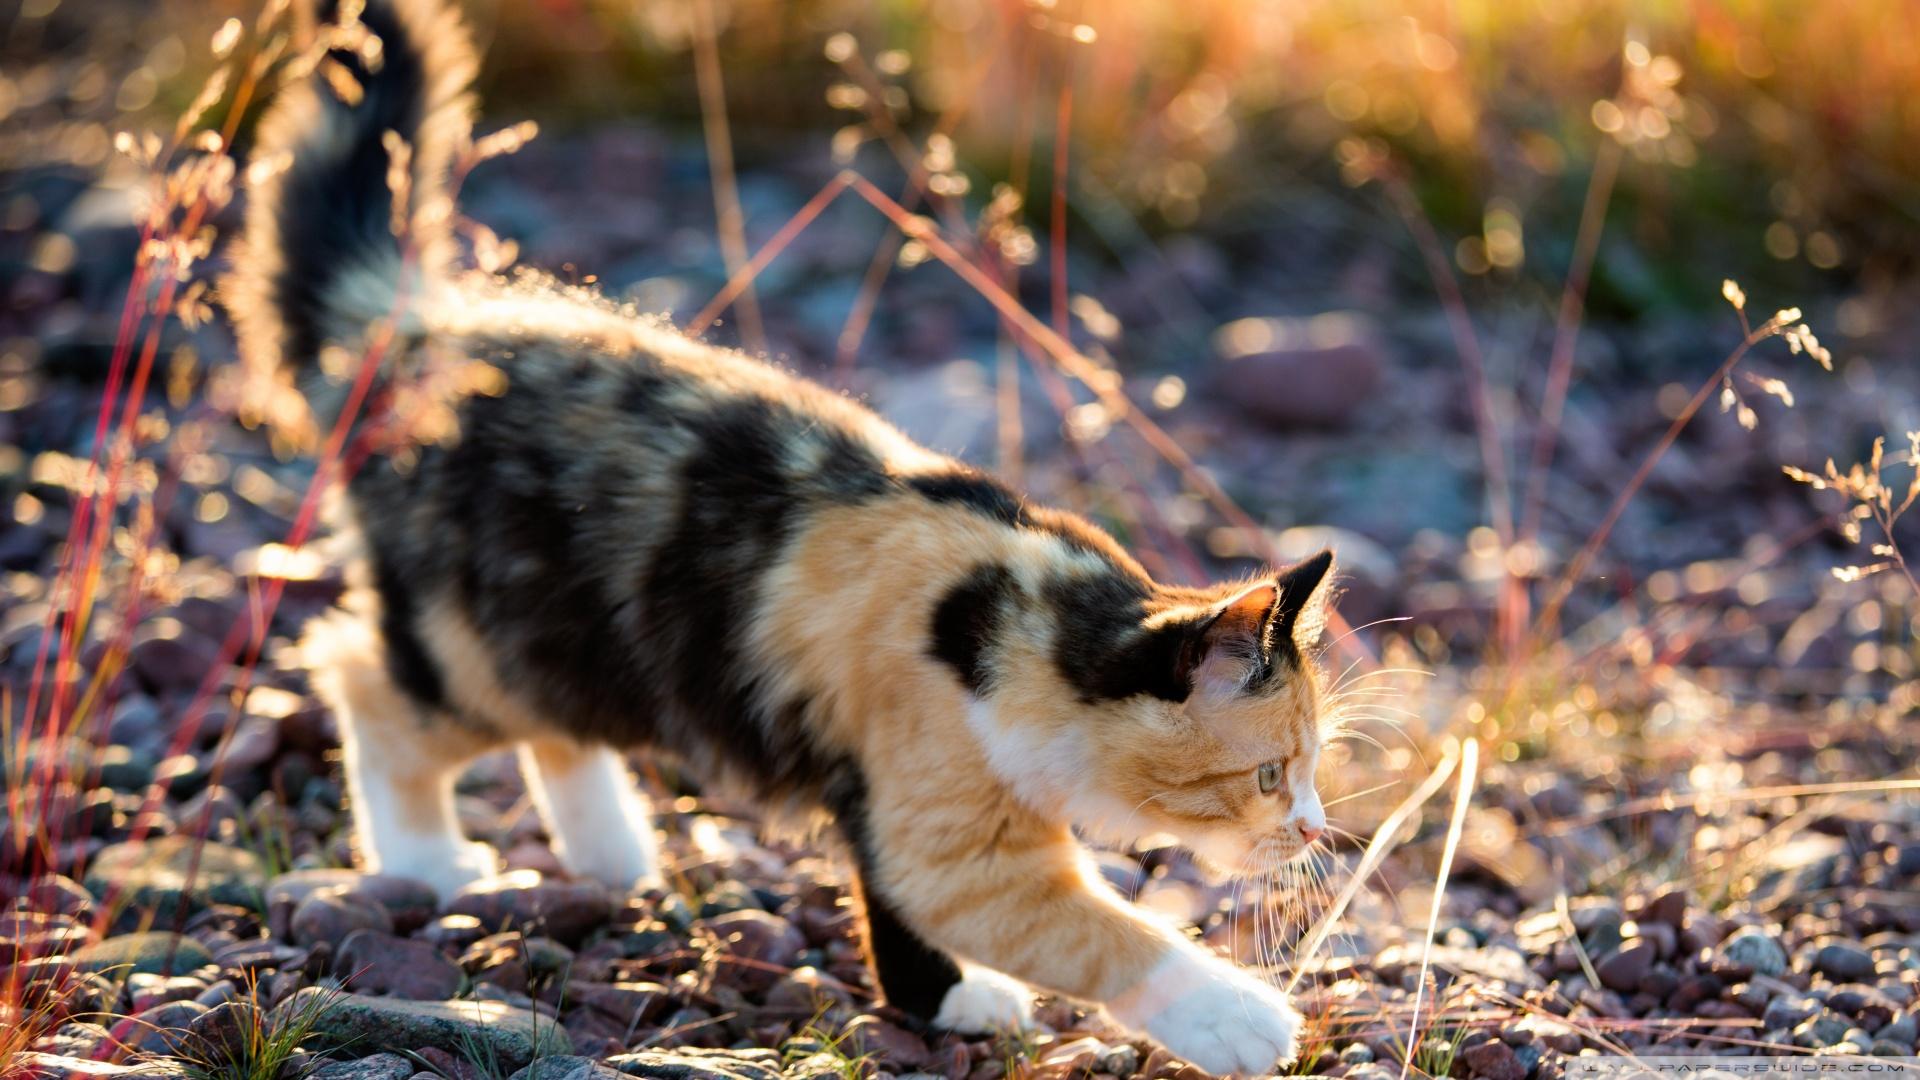 Kedi Temalı 25 Adet Duvar Kağıdı! (12)